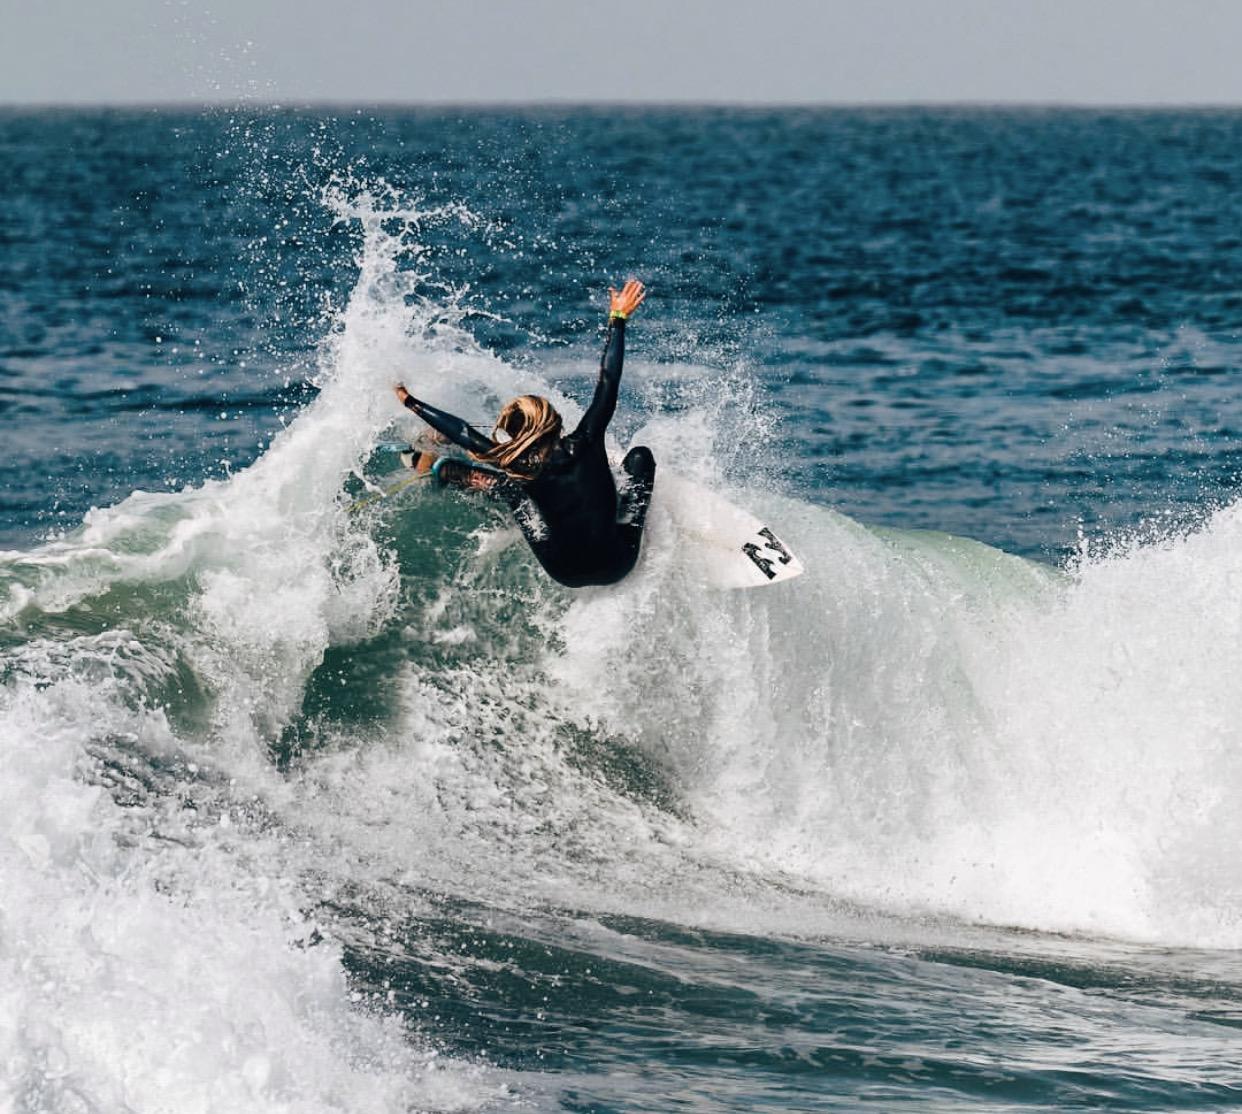 Samantha Sibley in Cali. Image: Chris Grant